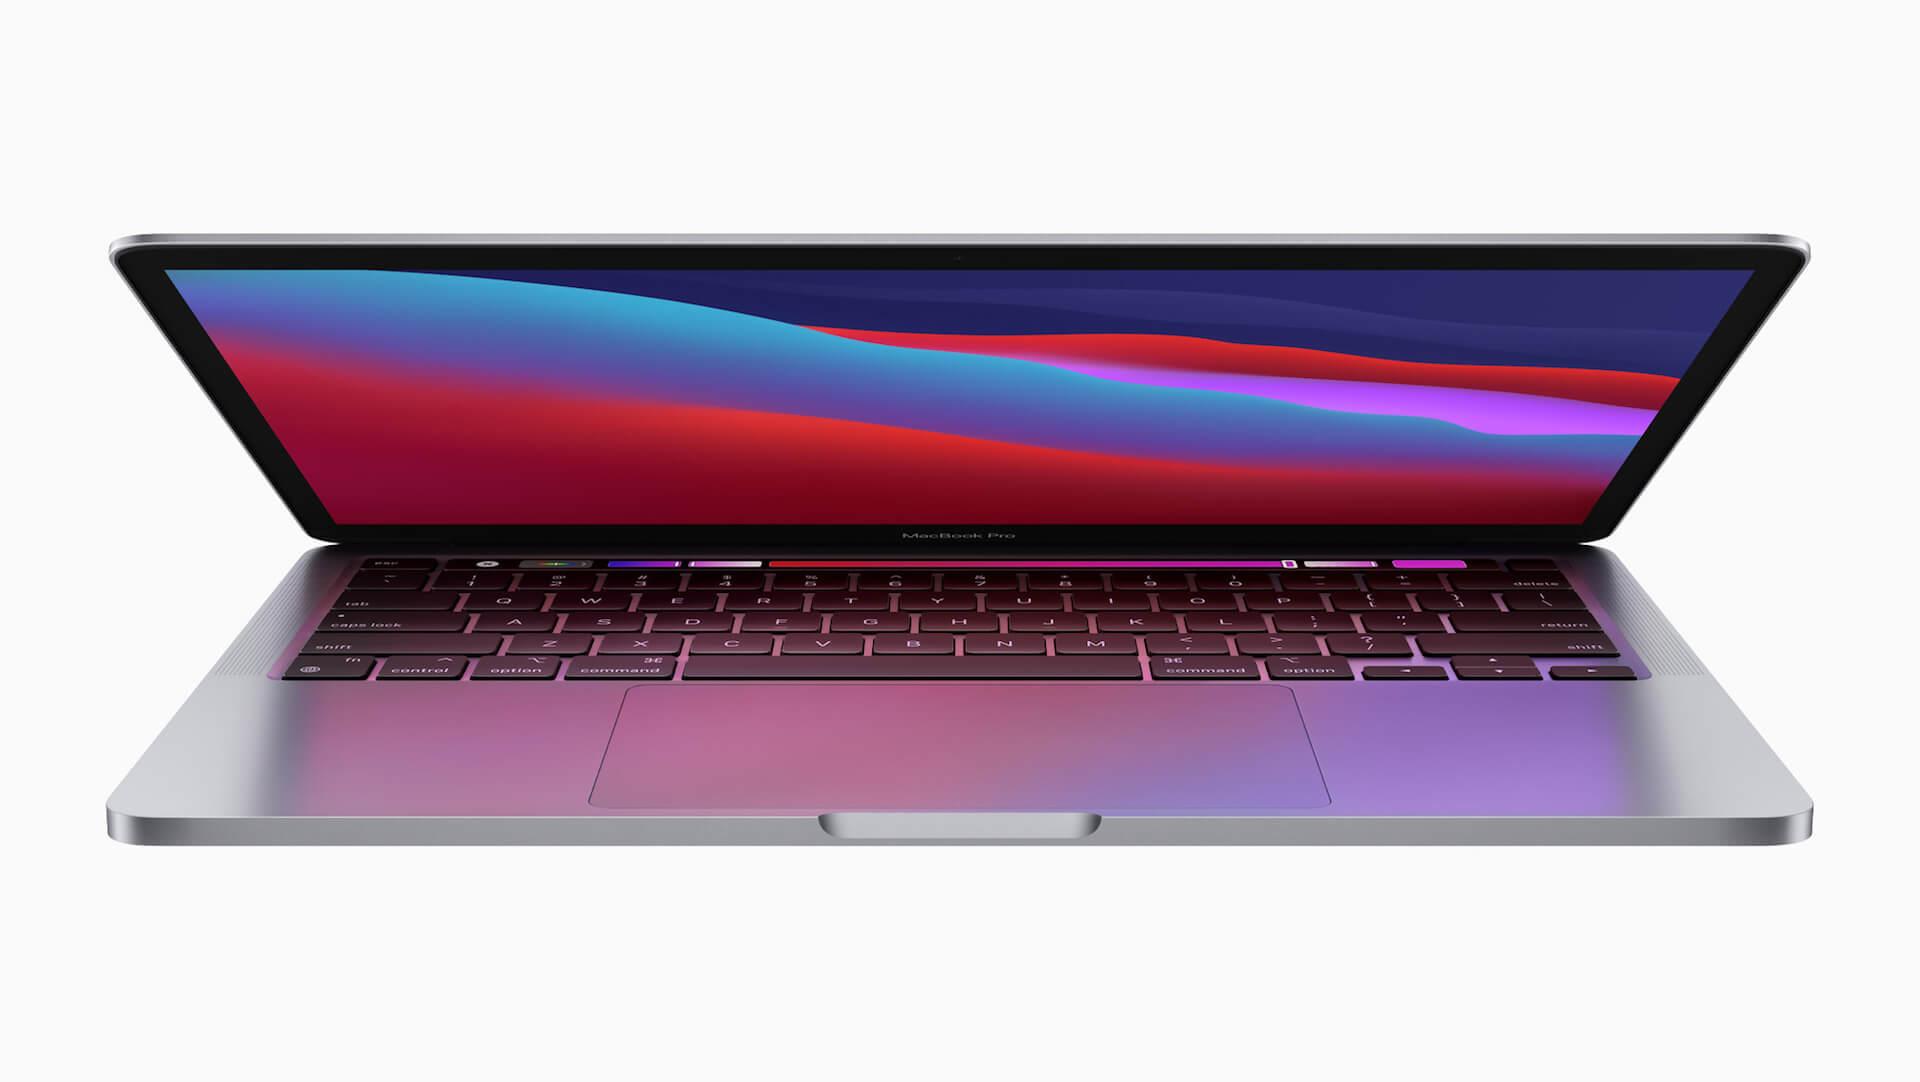 新型MacBook Pro&MacBook Airが今年下半期に登場?ProにはSDカードスロット、AirにはMagSafe復活か tech210125_macbook_1